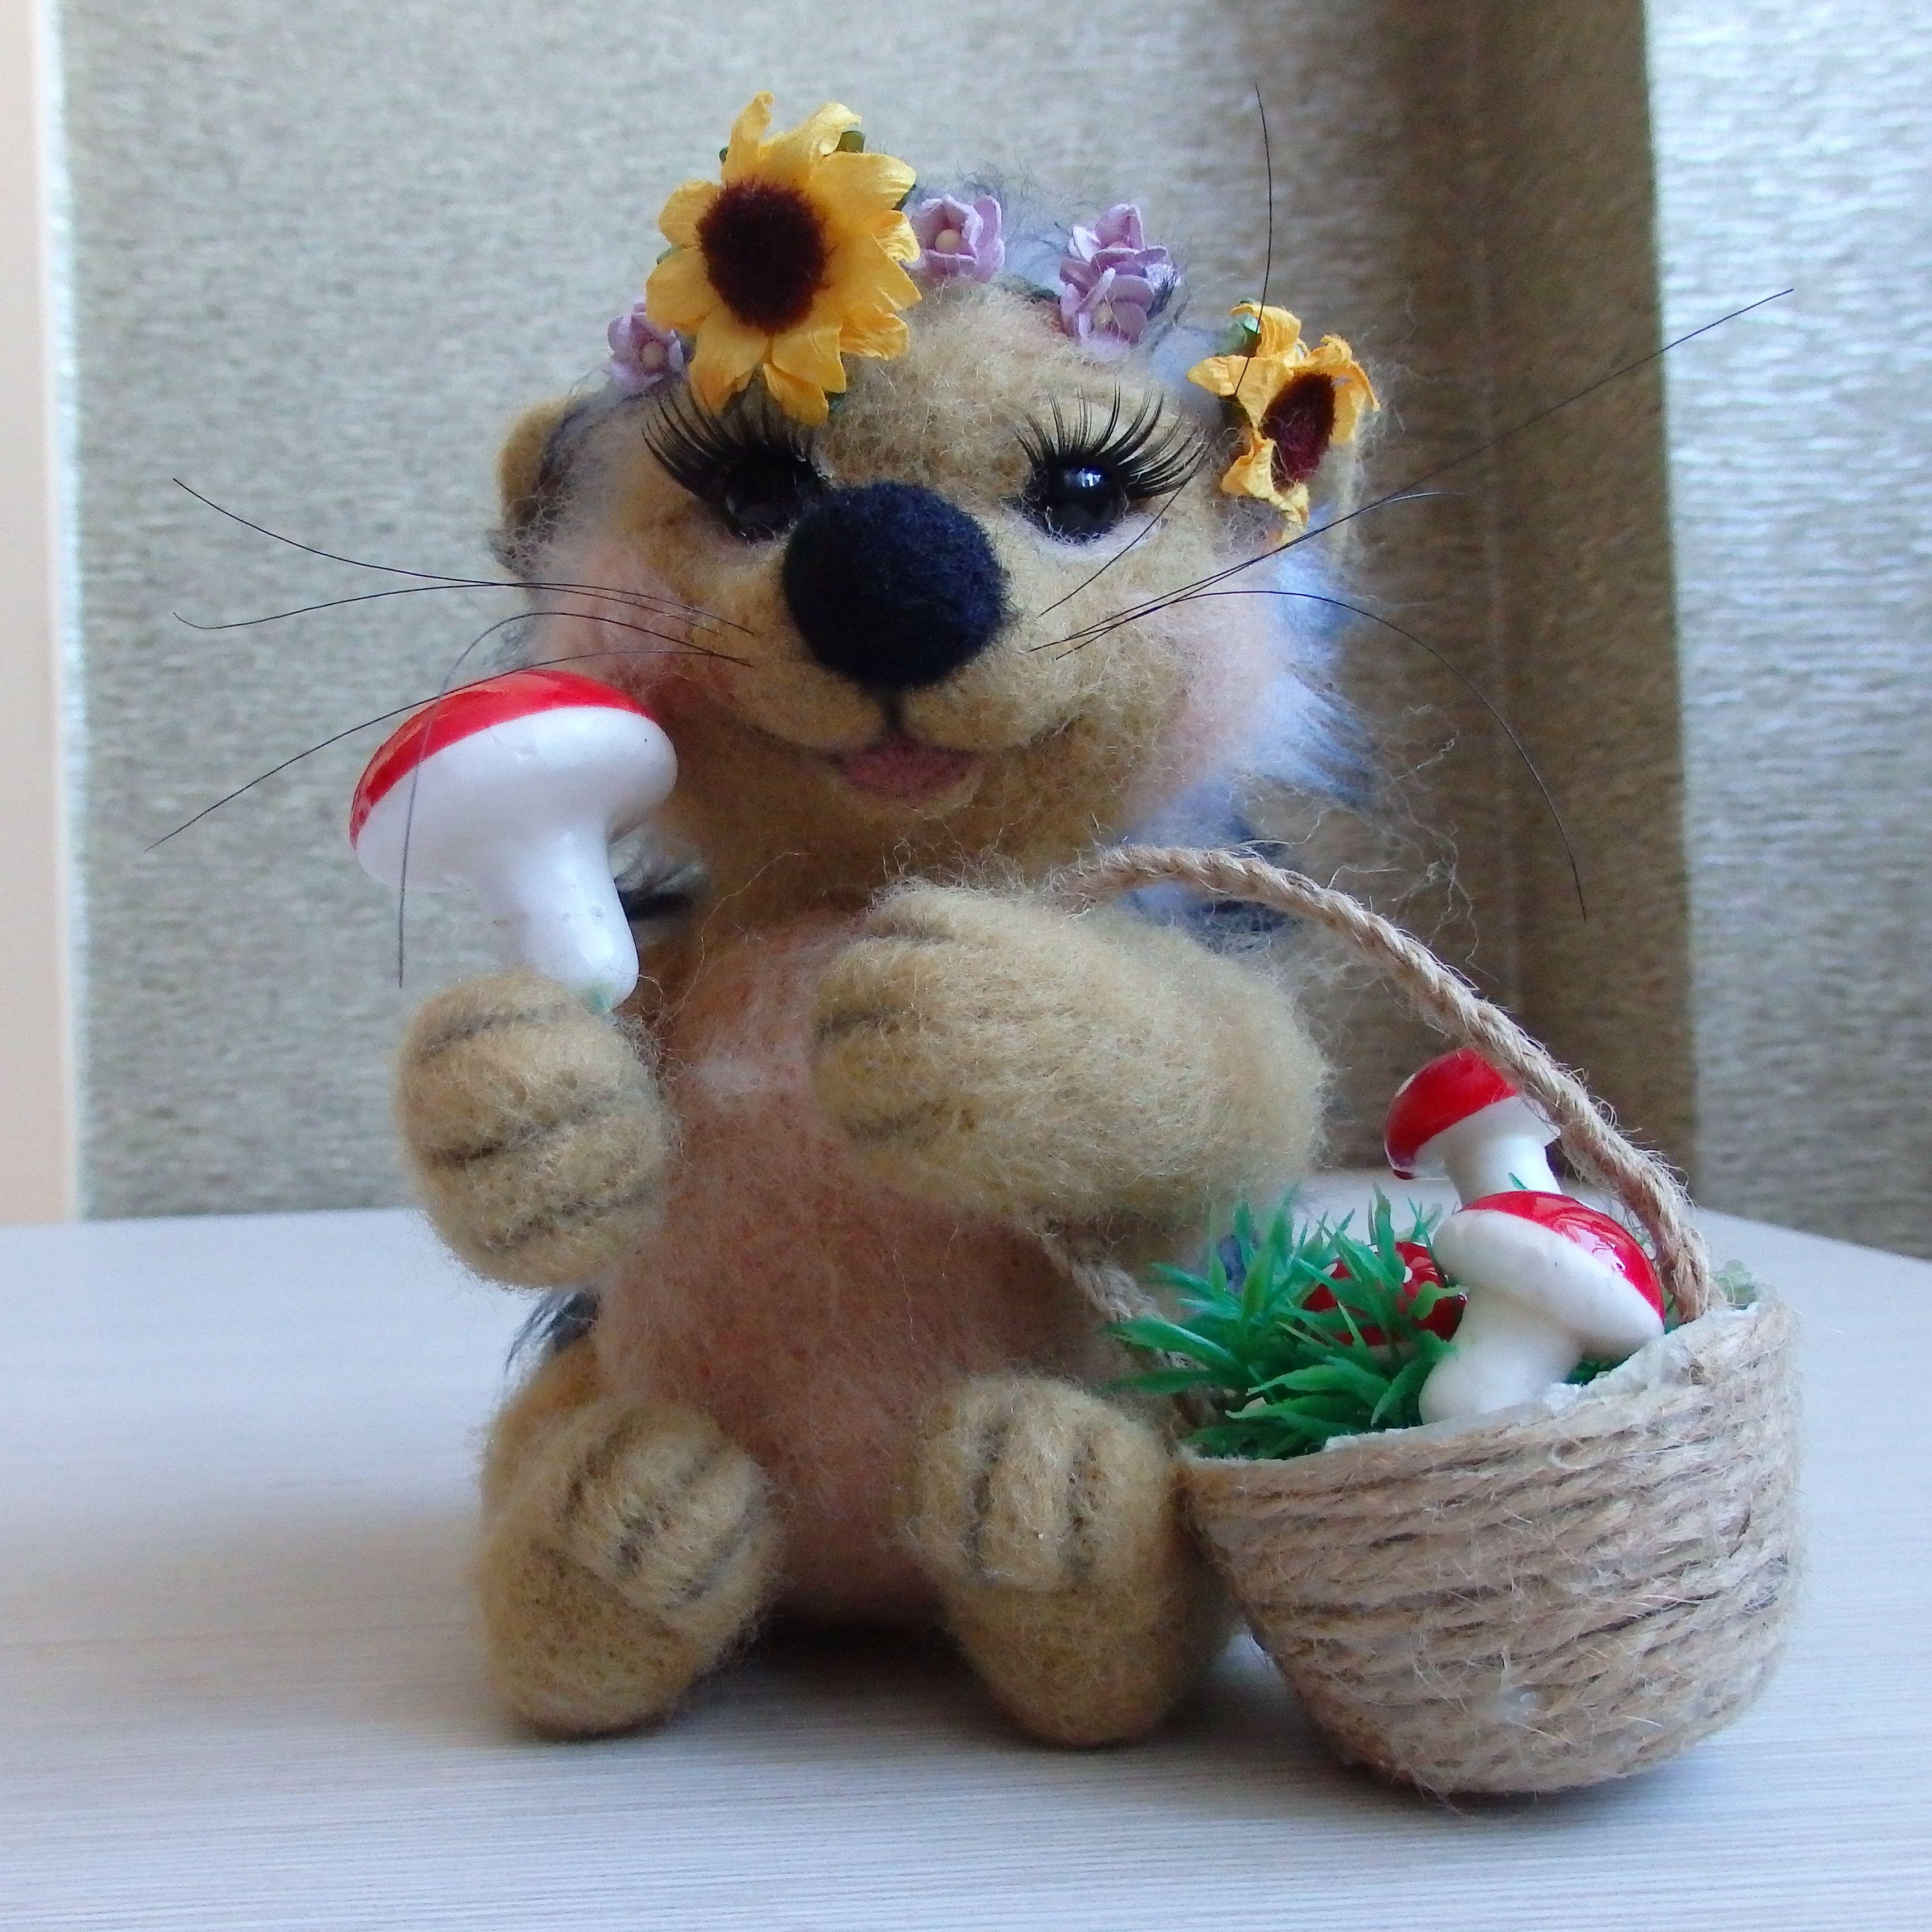 валяние ручная сухоеваляние ёжик ежик хендмейд работа игрушкаизшерсти сувениризроссии подарок